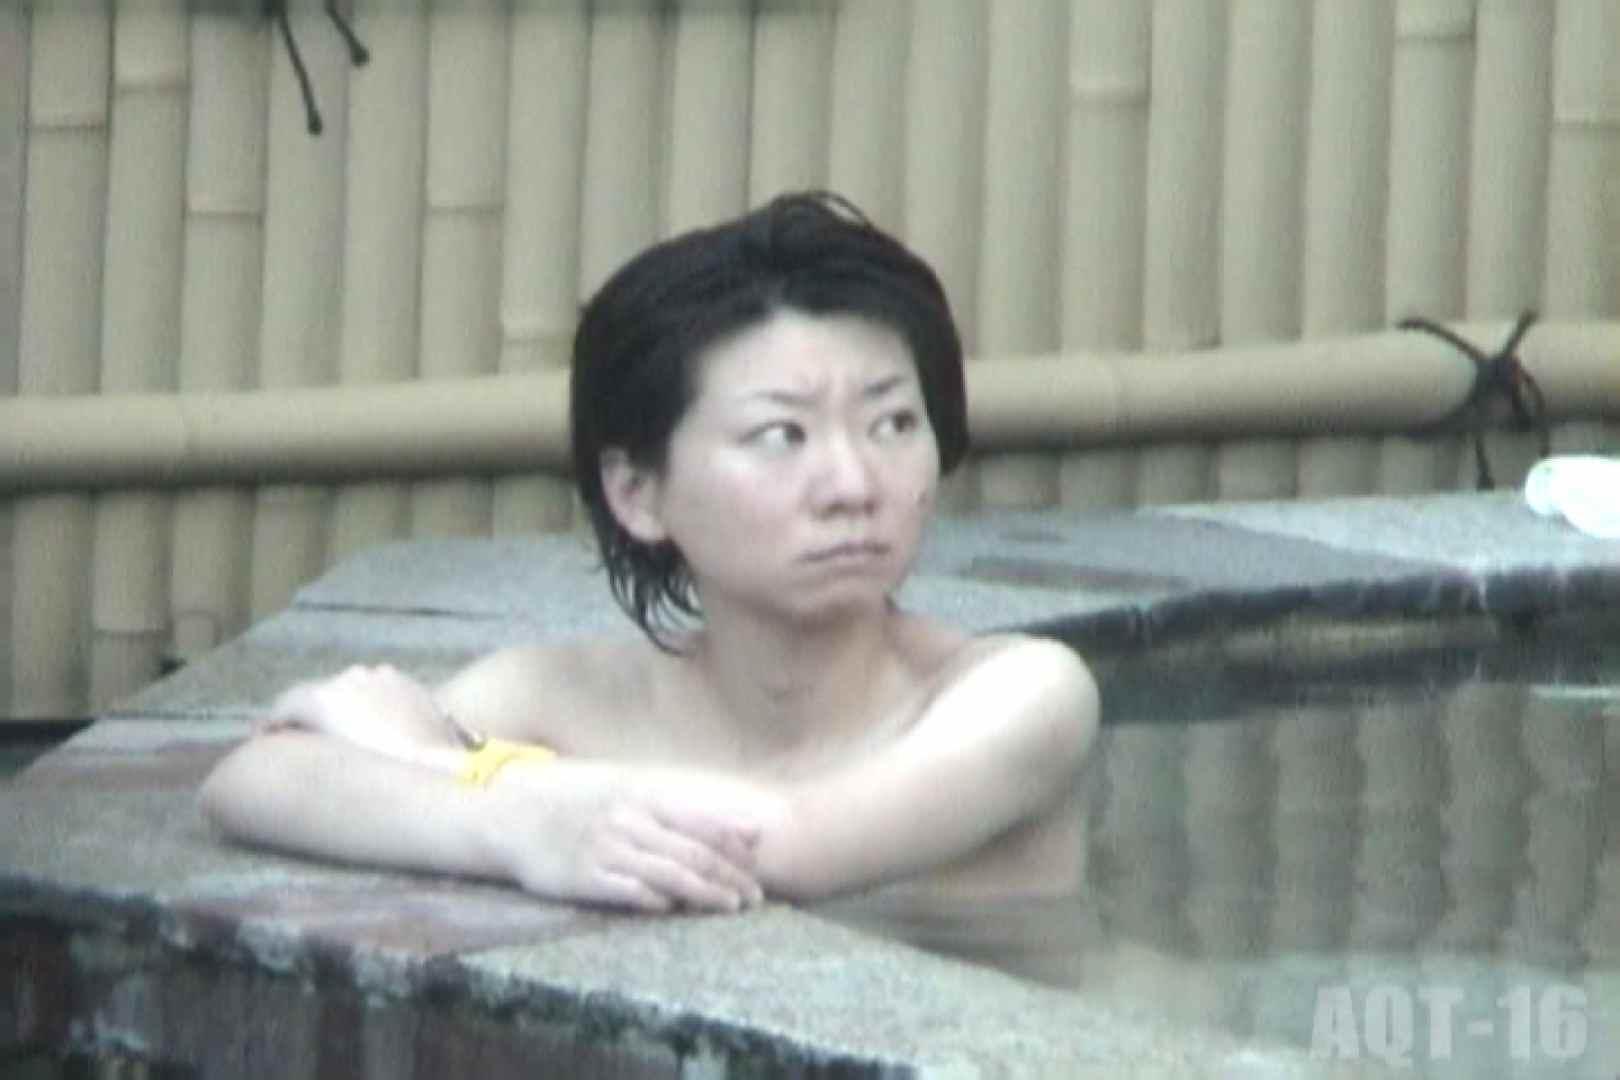 Aquaな露天風呂Vol.842 盗撮   OLすけべ画像  44連発 40